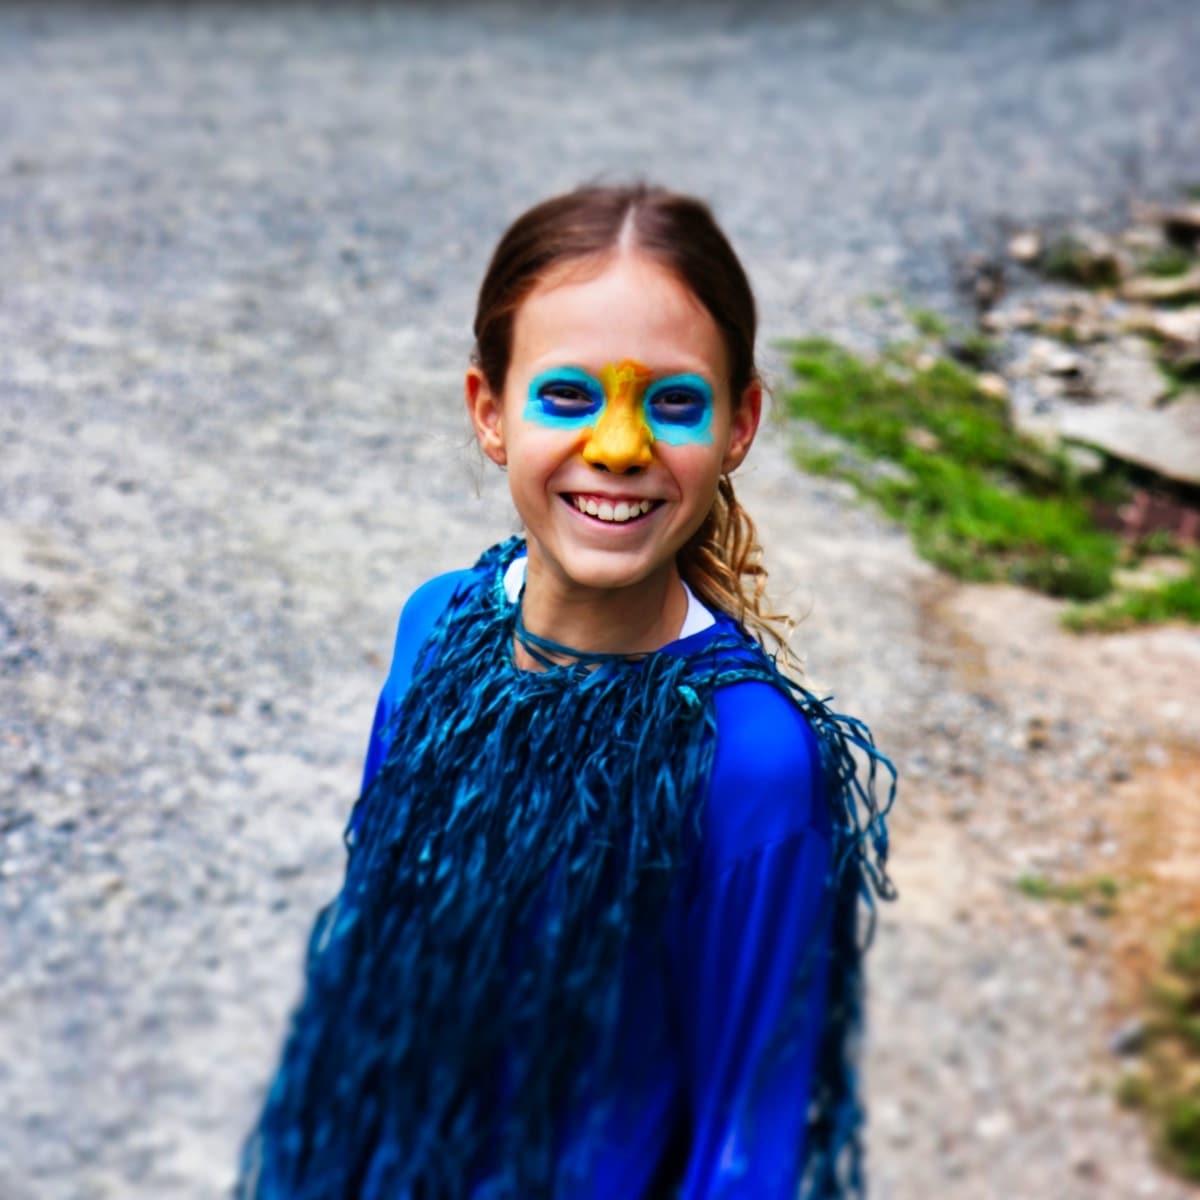 girl bird costume